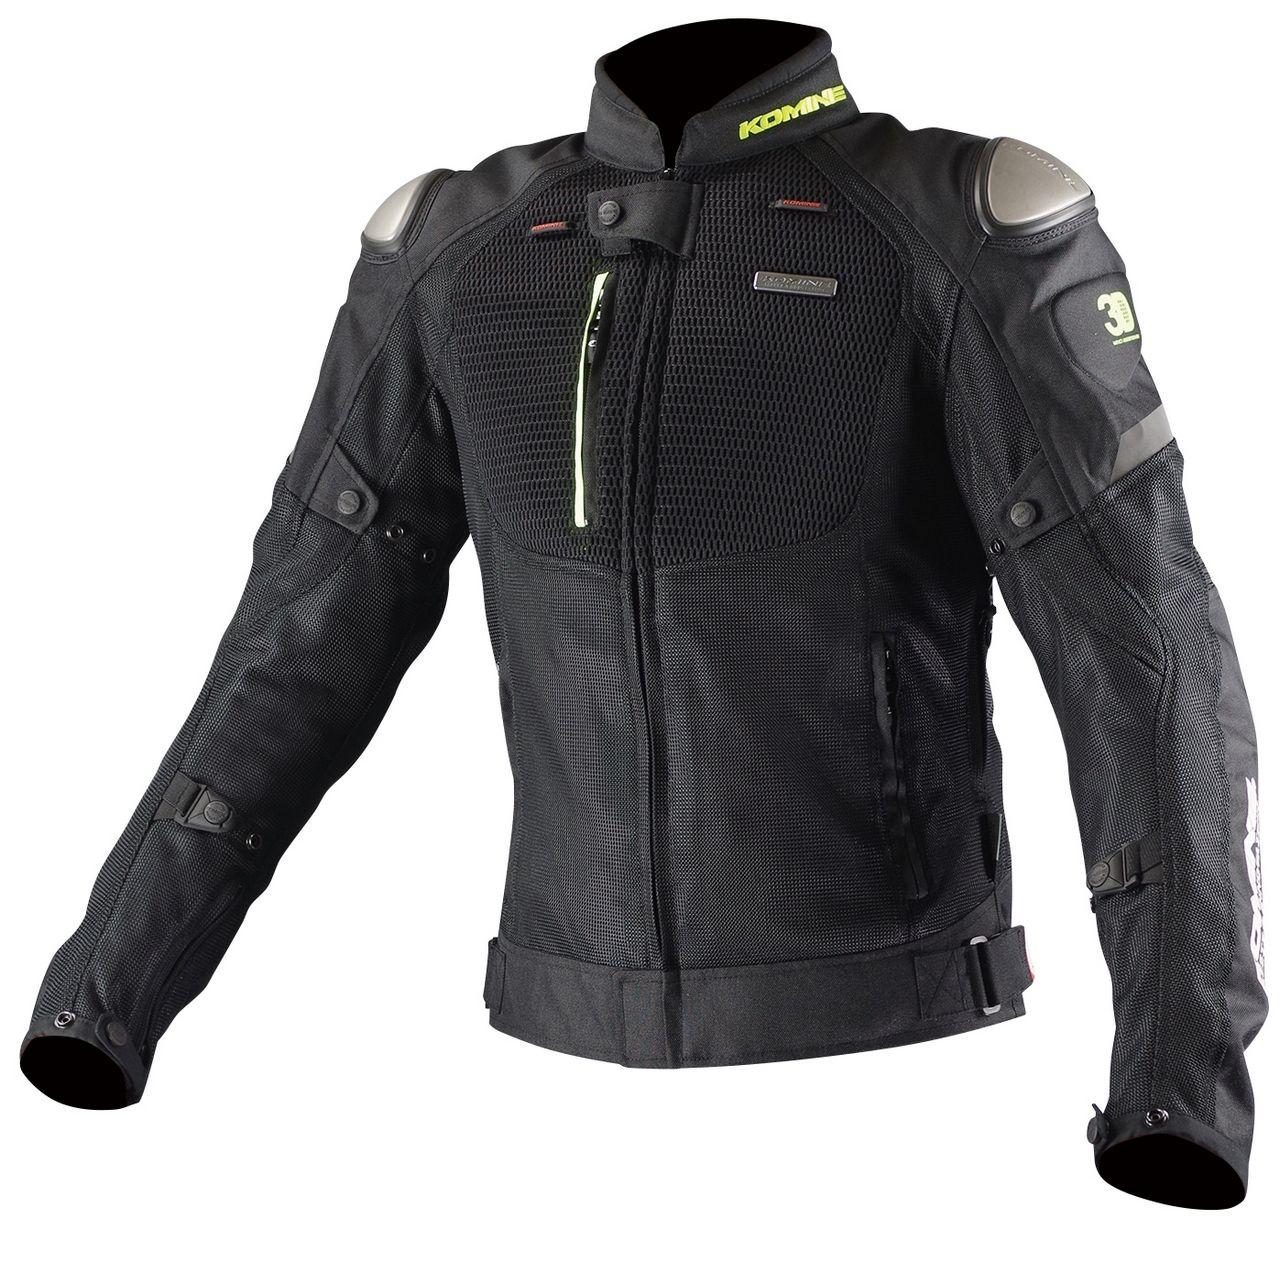 JK-091 Titanium Mesh Jacket 3D